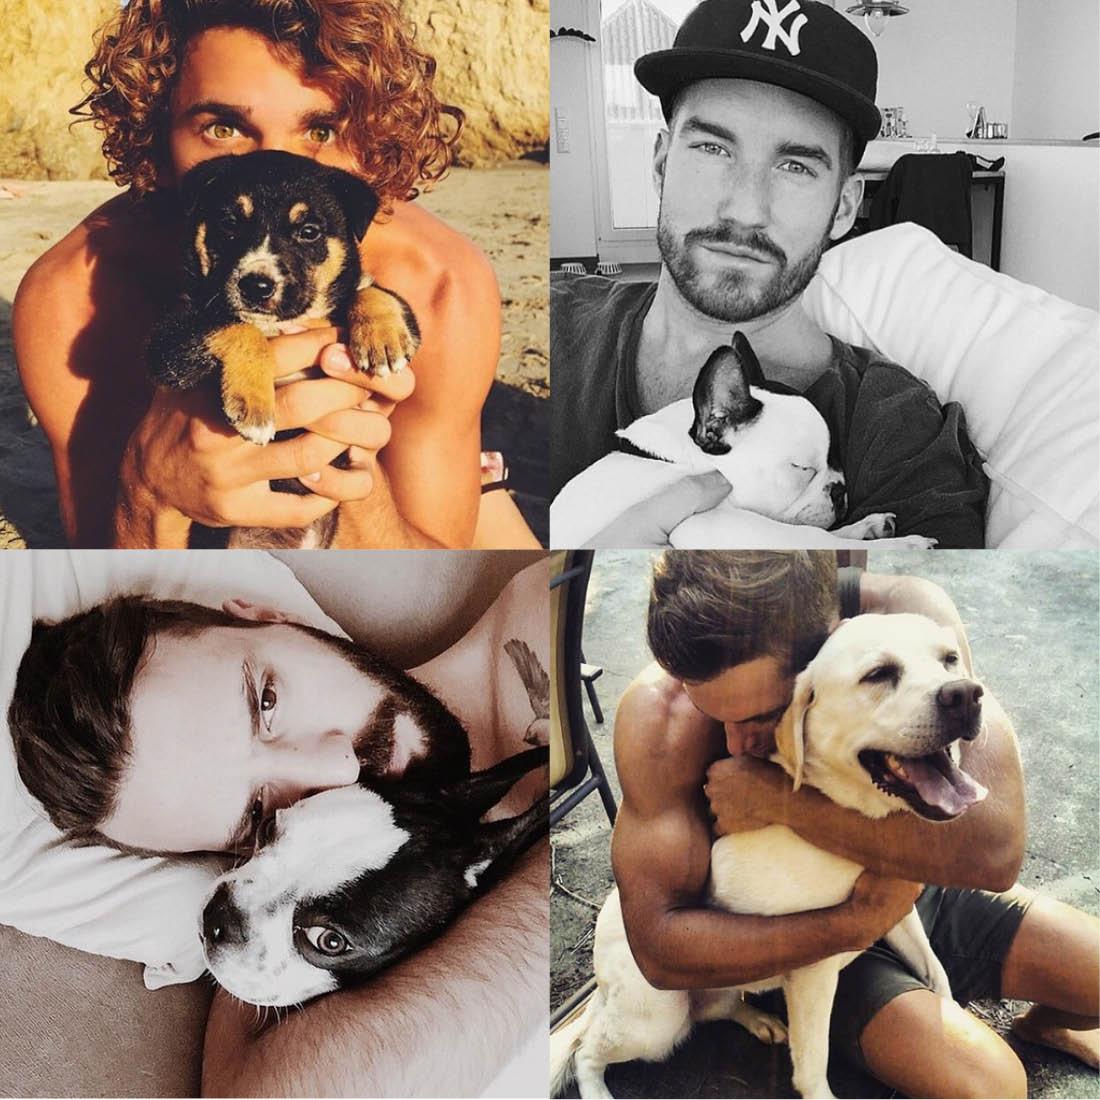 Divulgação Hot Dudes With Dogs